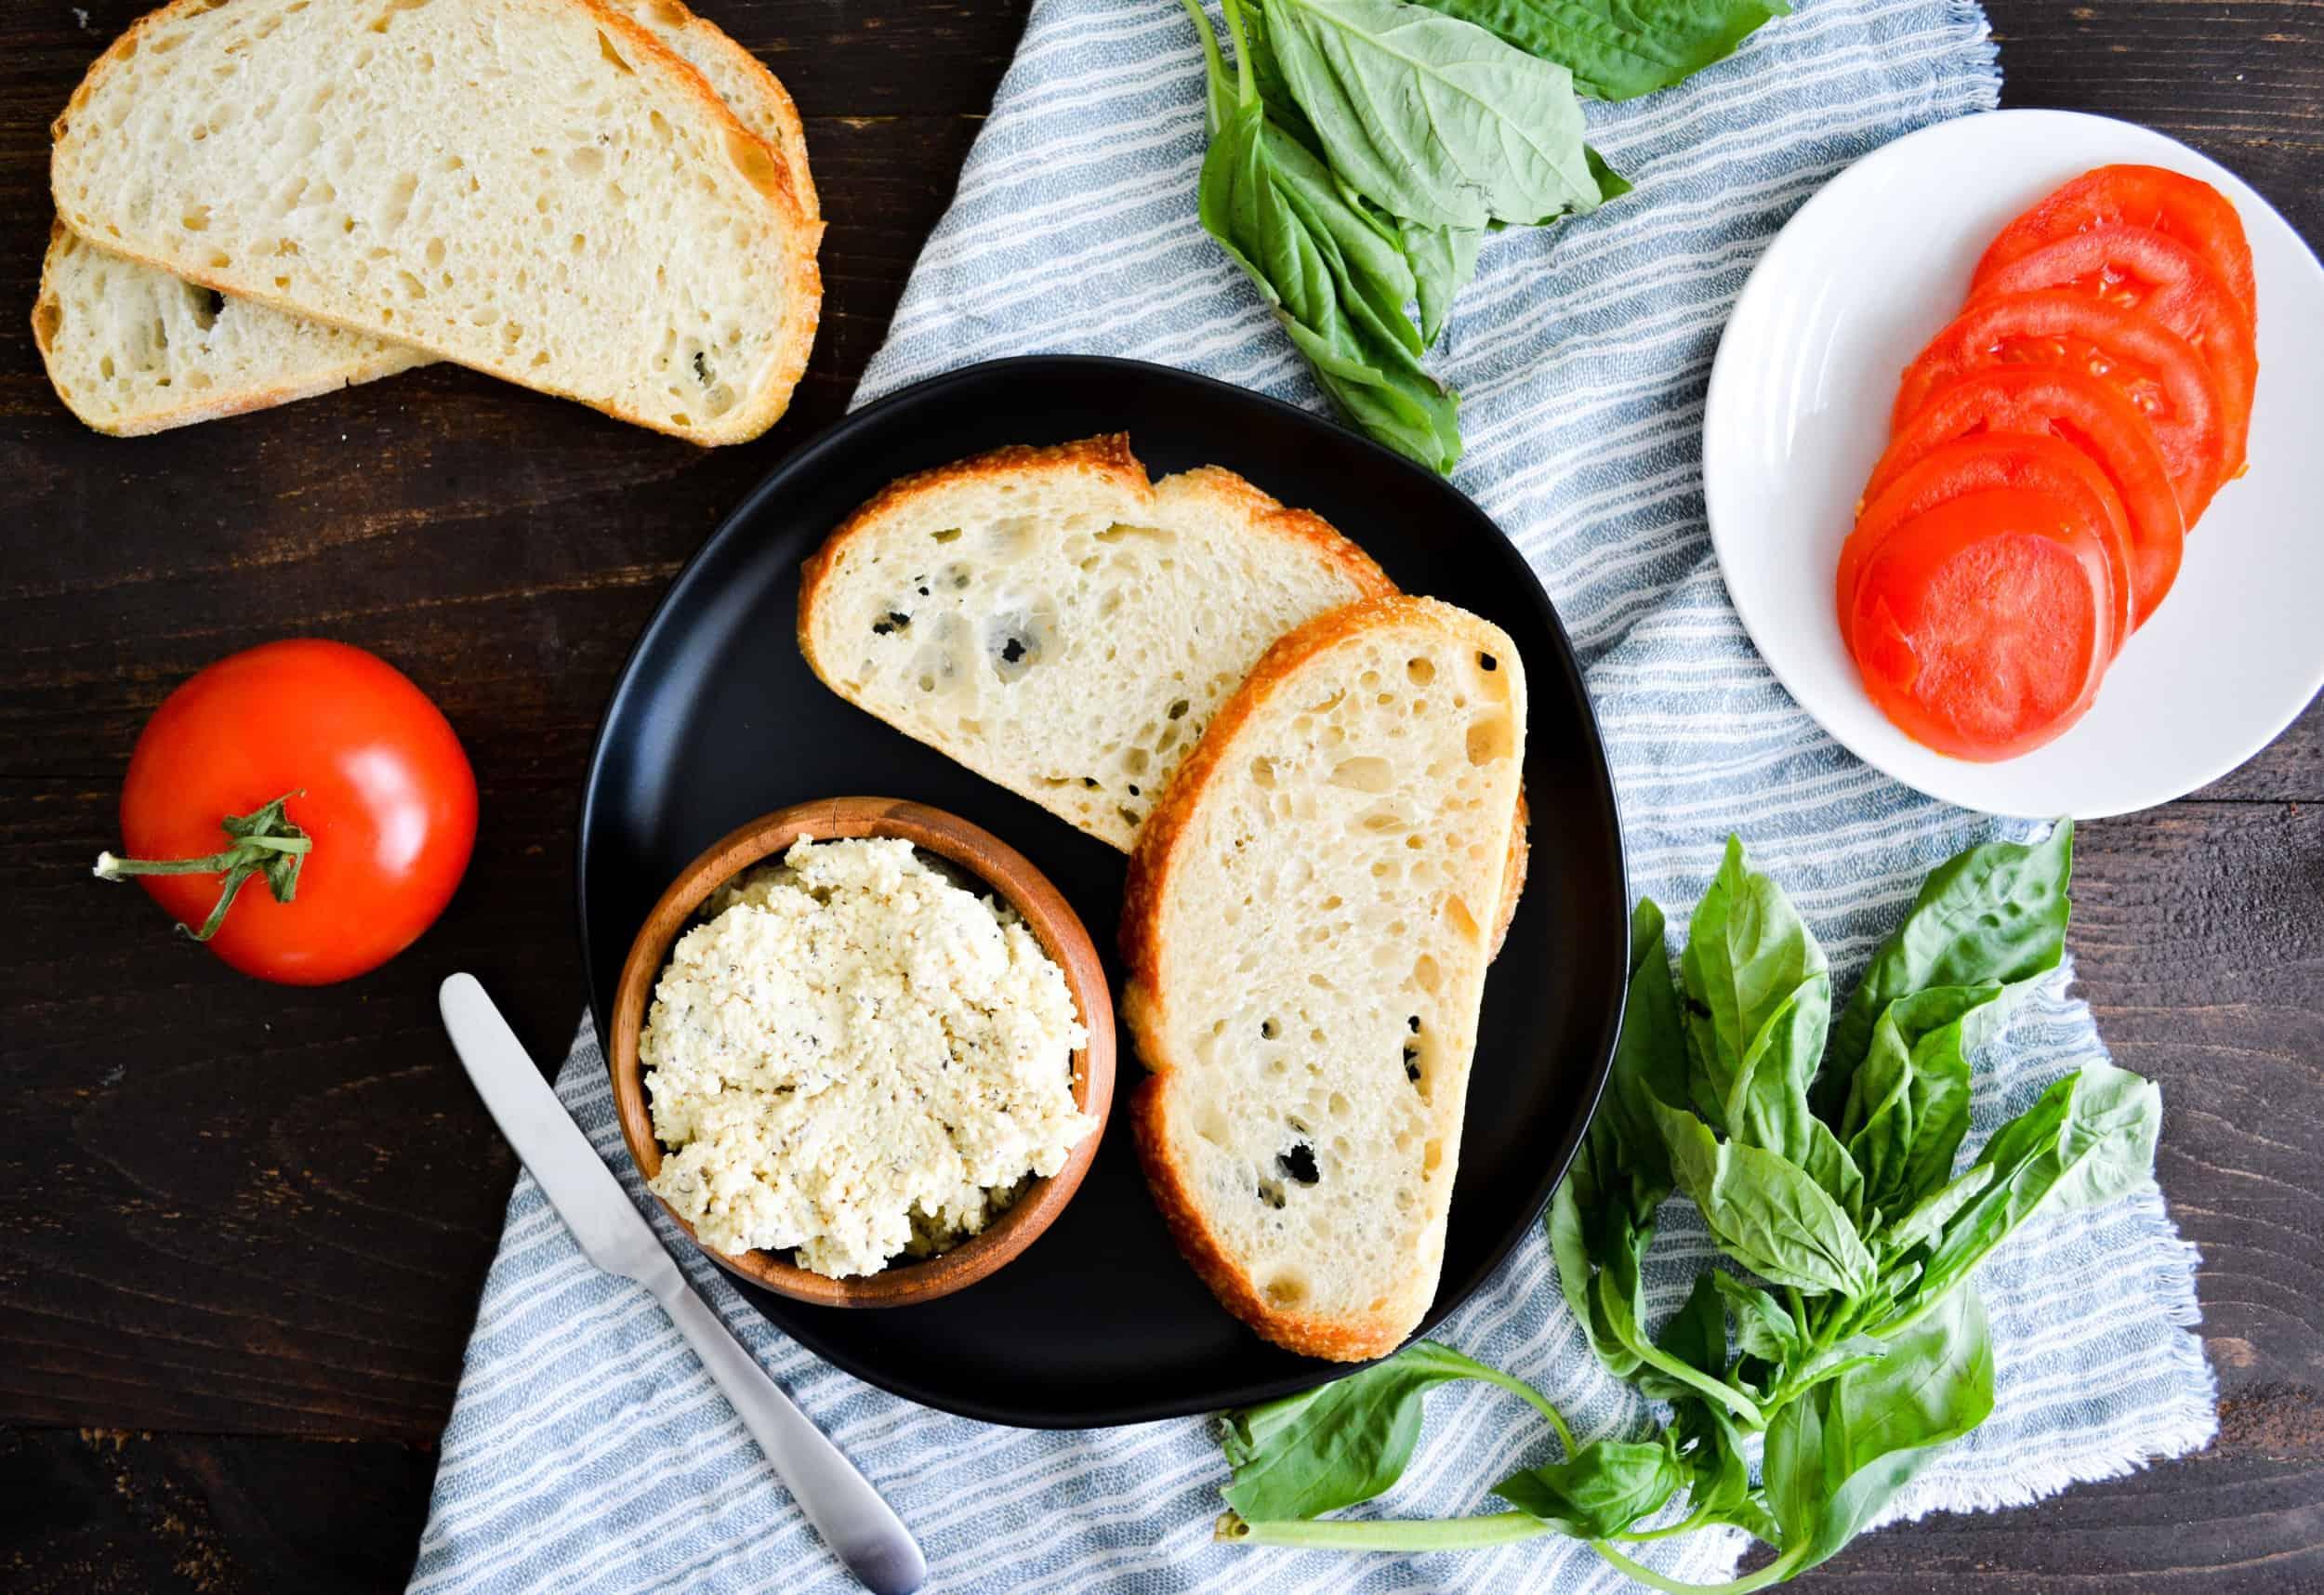 Herbed Ricotta- 20 Minute Recipe